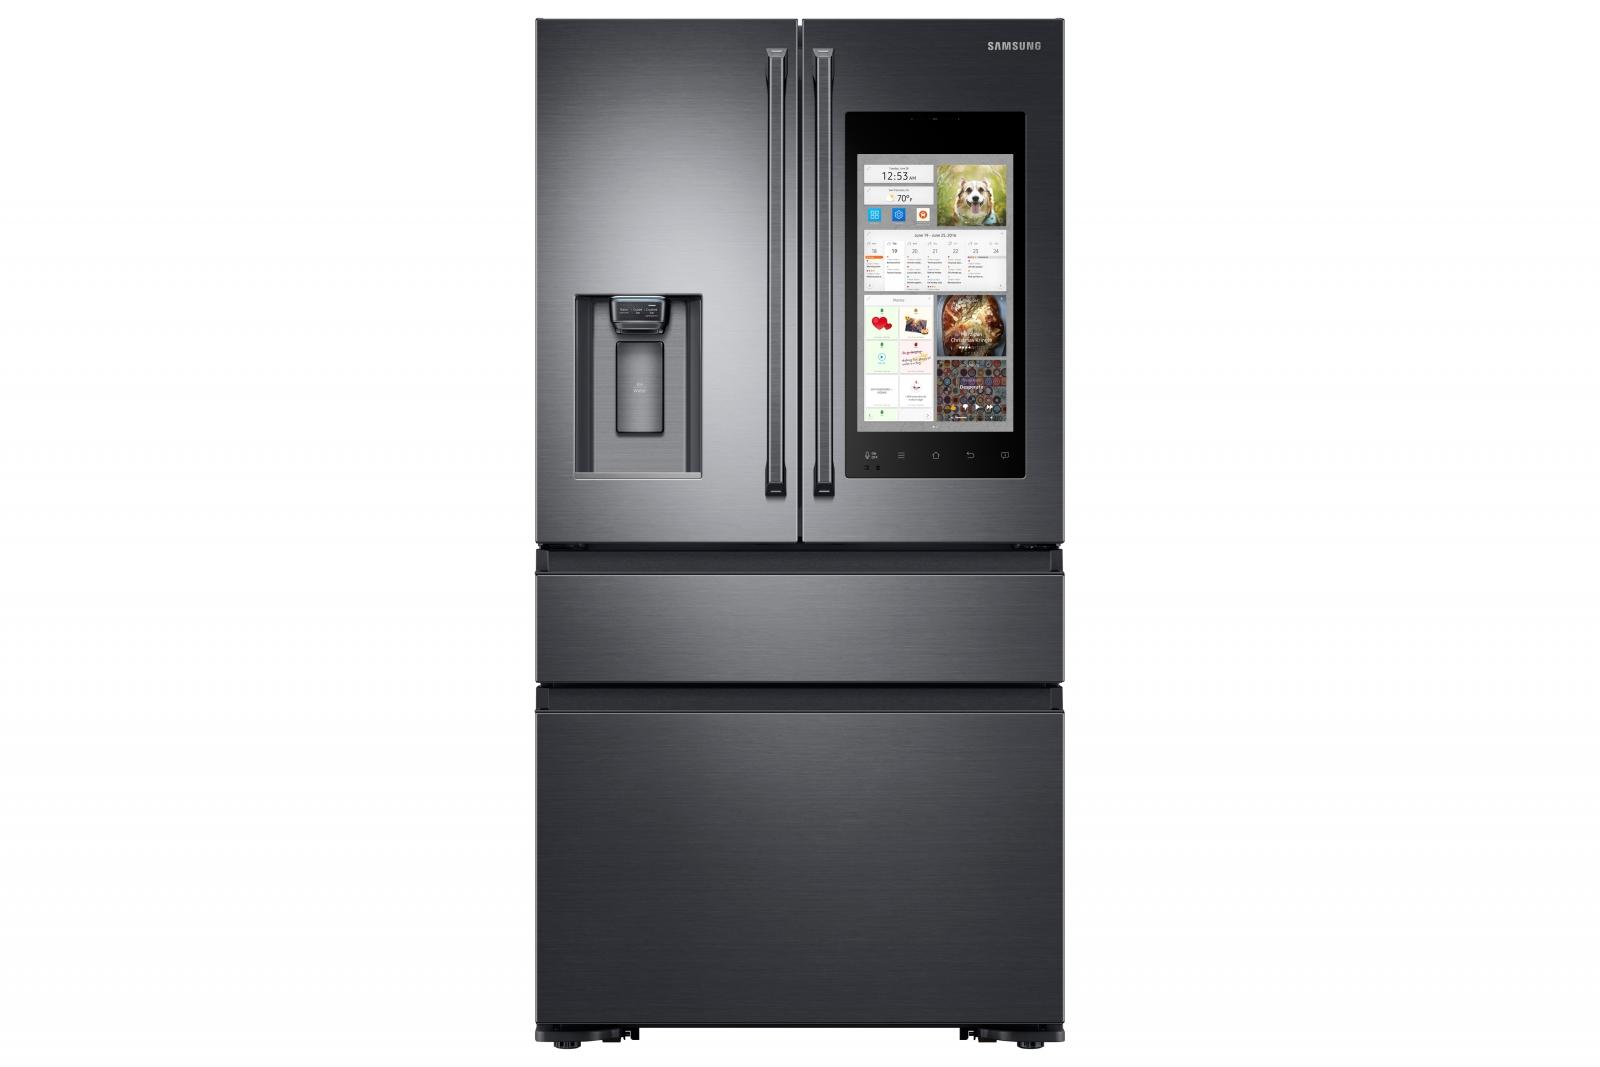 Samsung CES 2017 smart fridge Family Hub